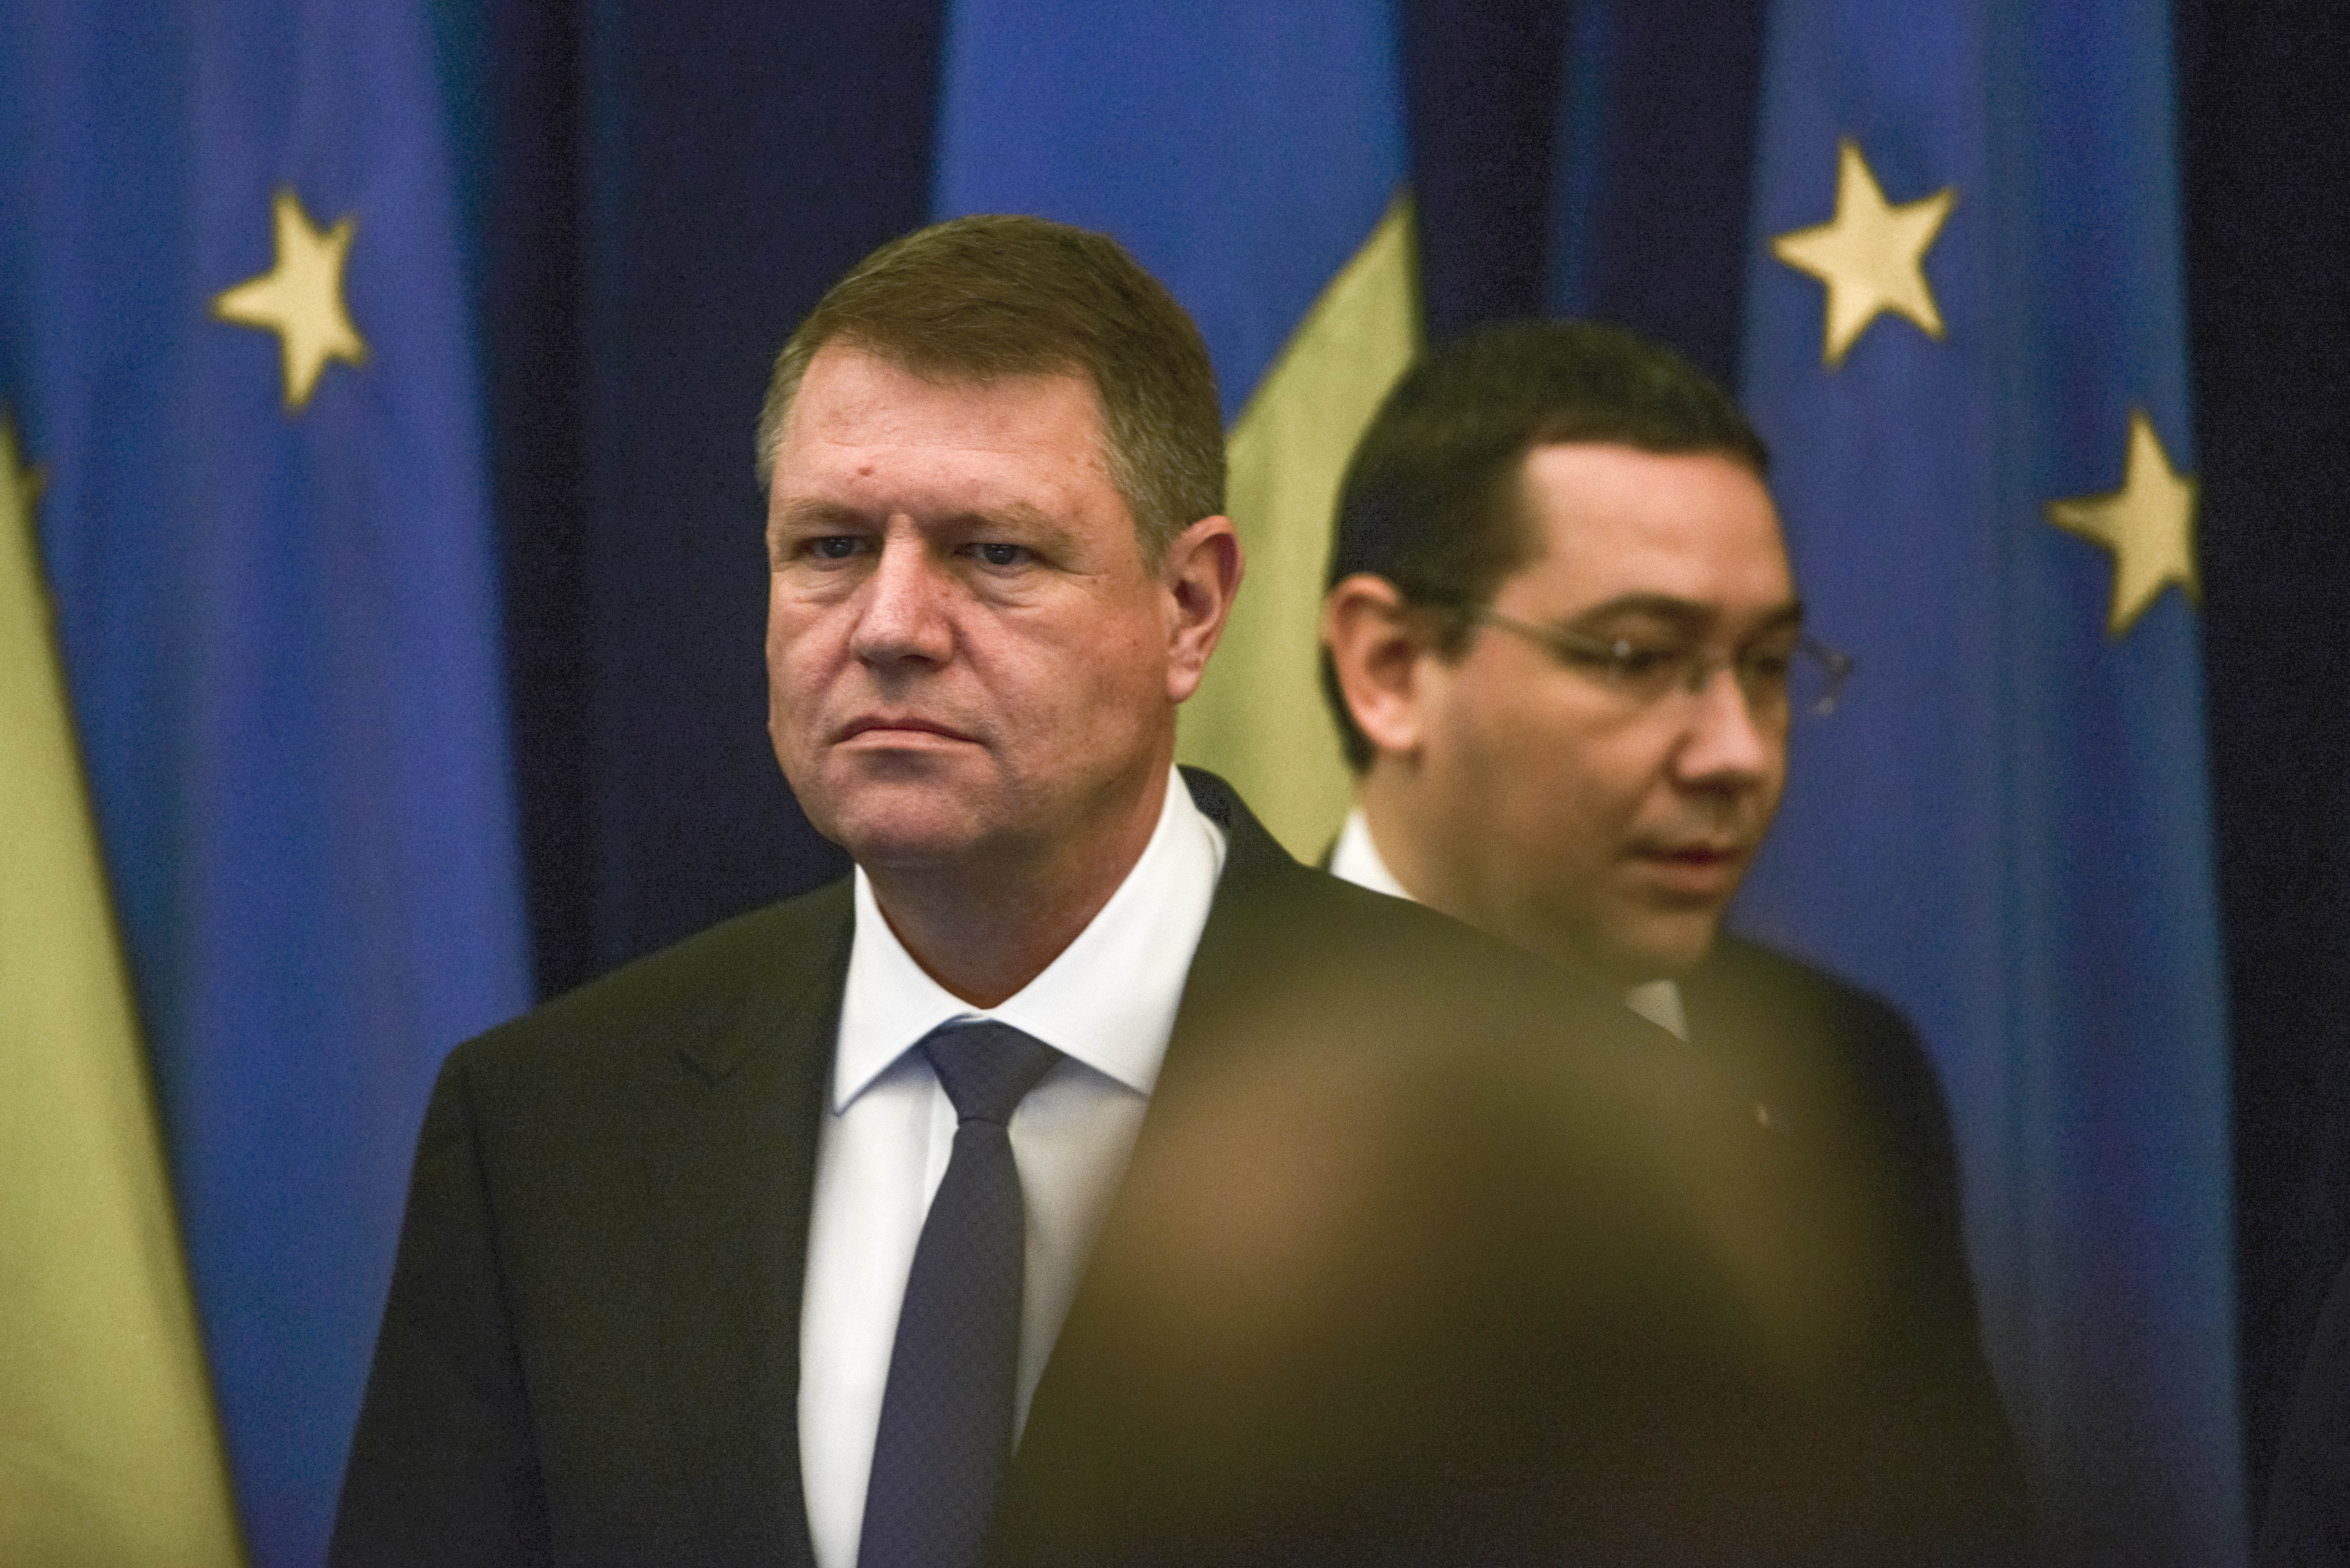 LOVITURA DE PROPORTII pentru Victor Ponta. Klaus Iohannis a facut ANUNTUL OFICIAL care arunca in aer scena politica din Romania. Vom reveni cu amanunte